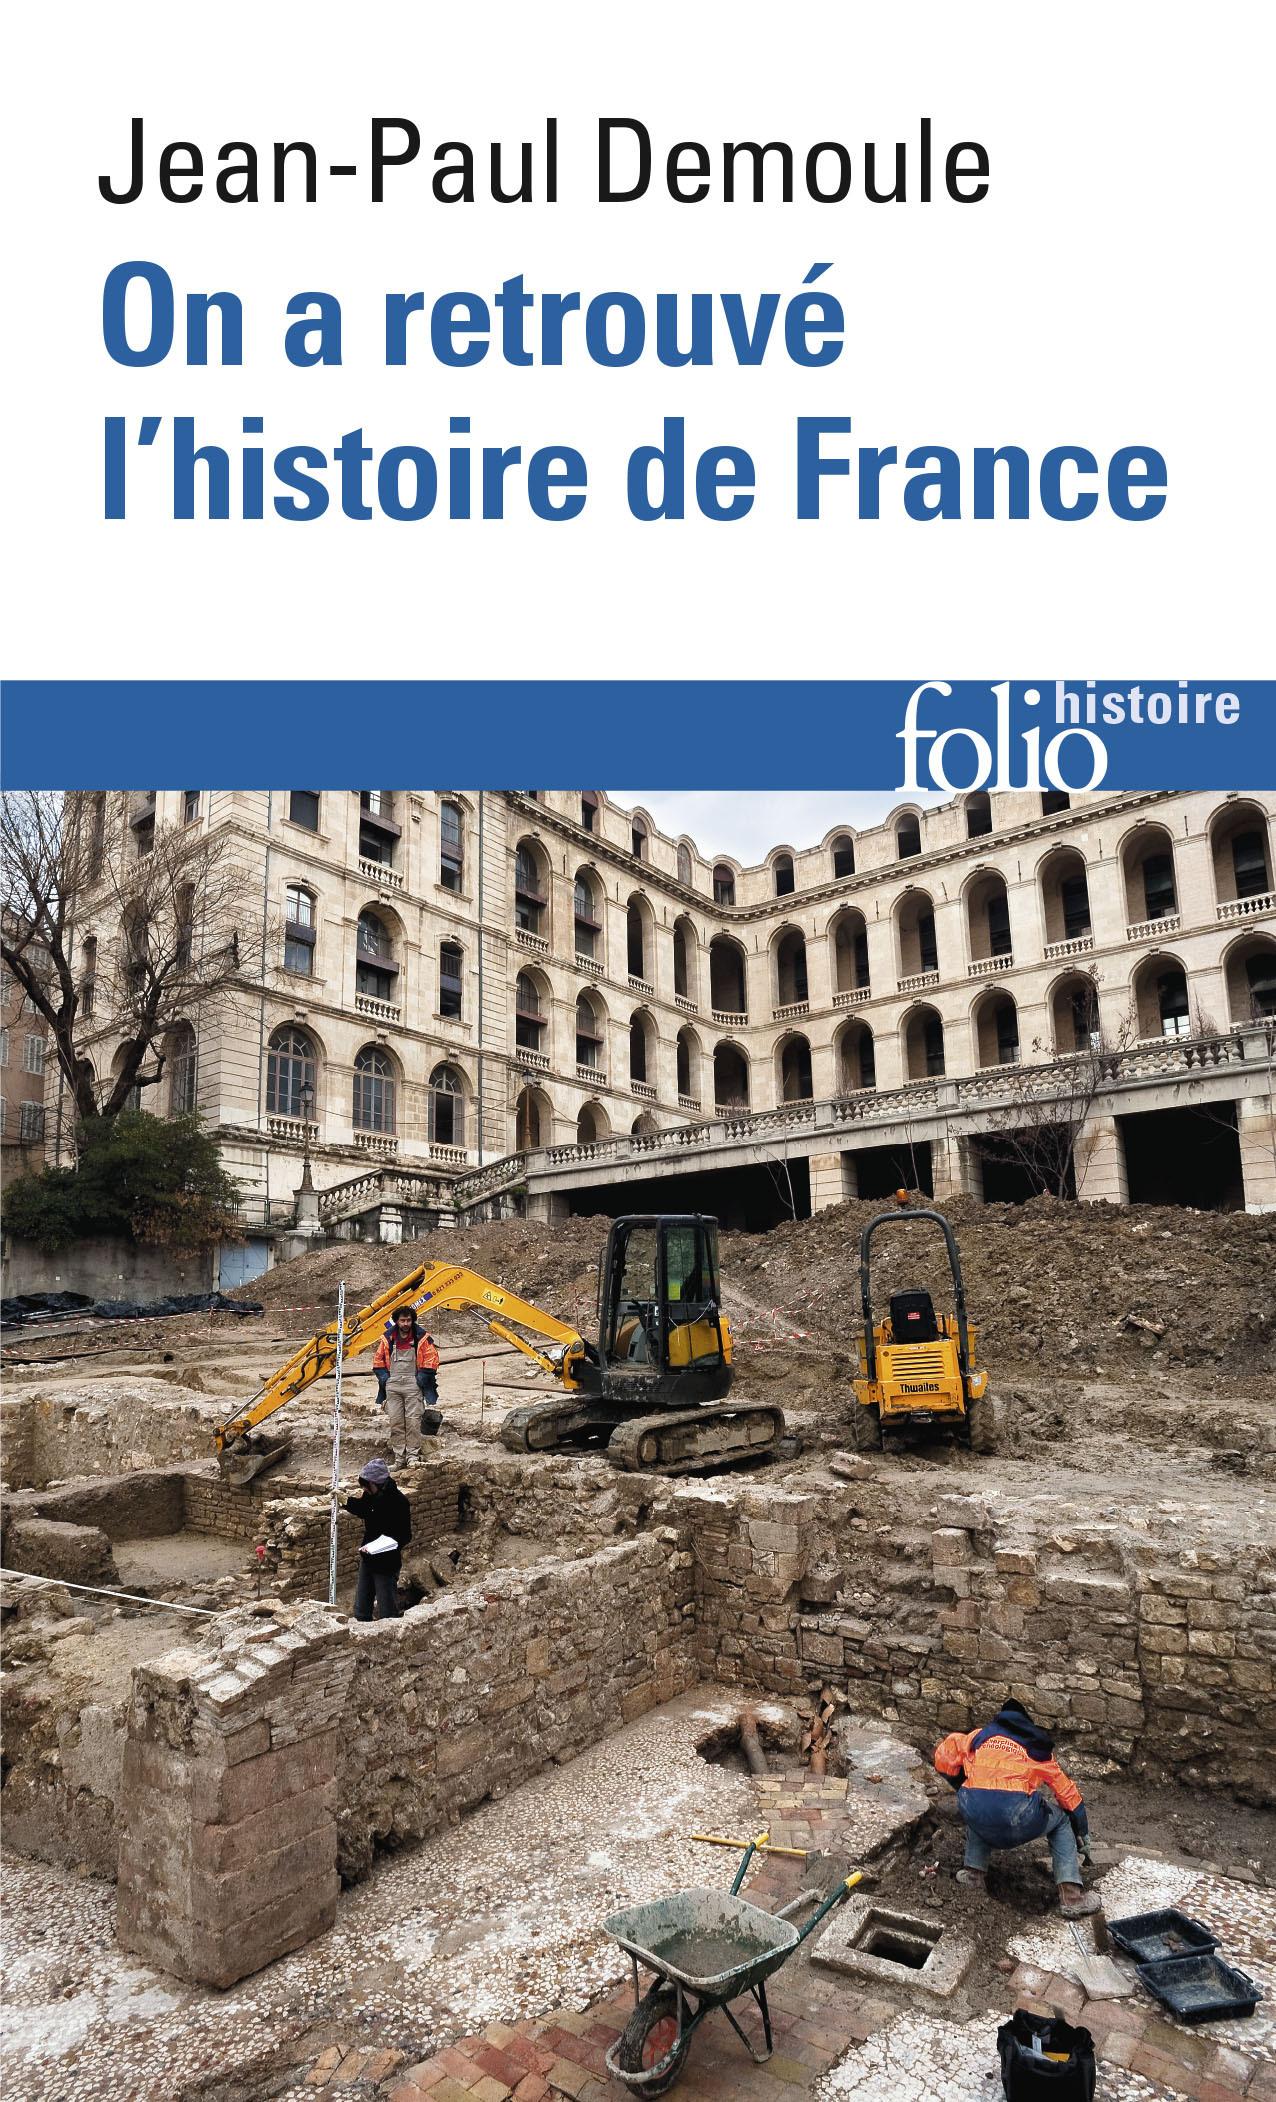 ON A RETROUVE L'HISTOIRE DE FRANCE